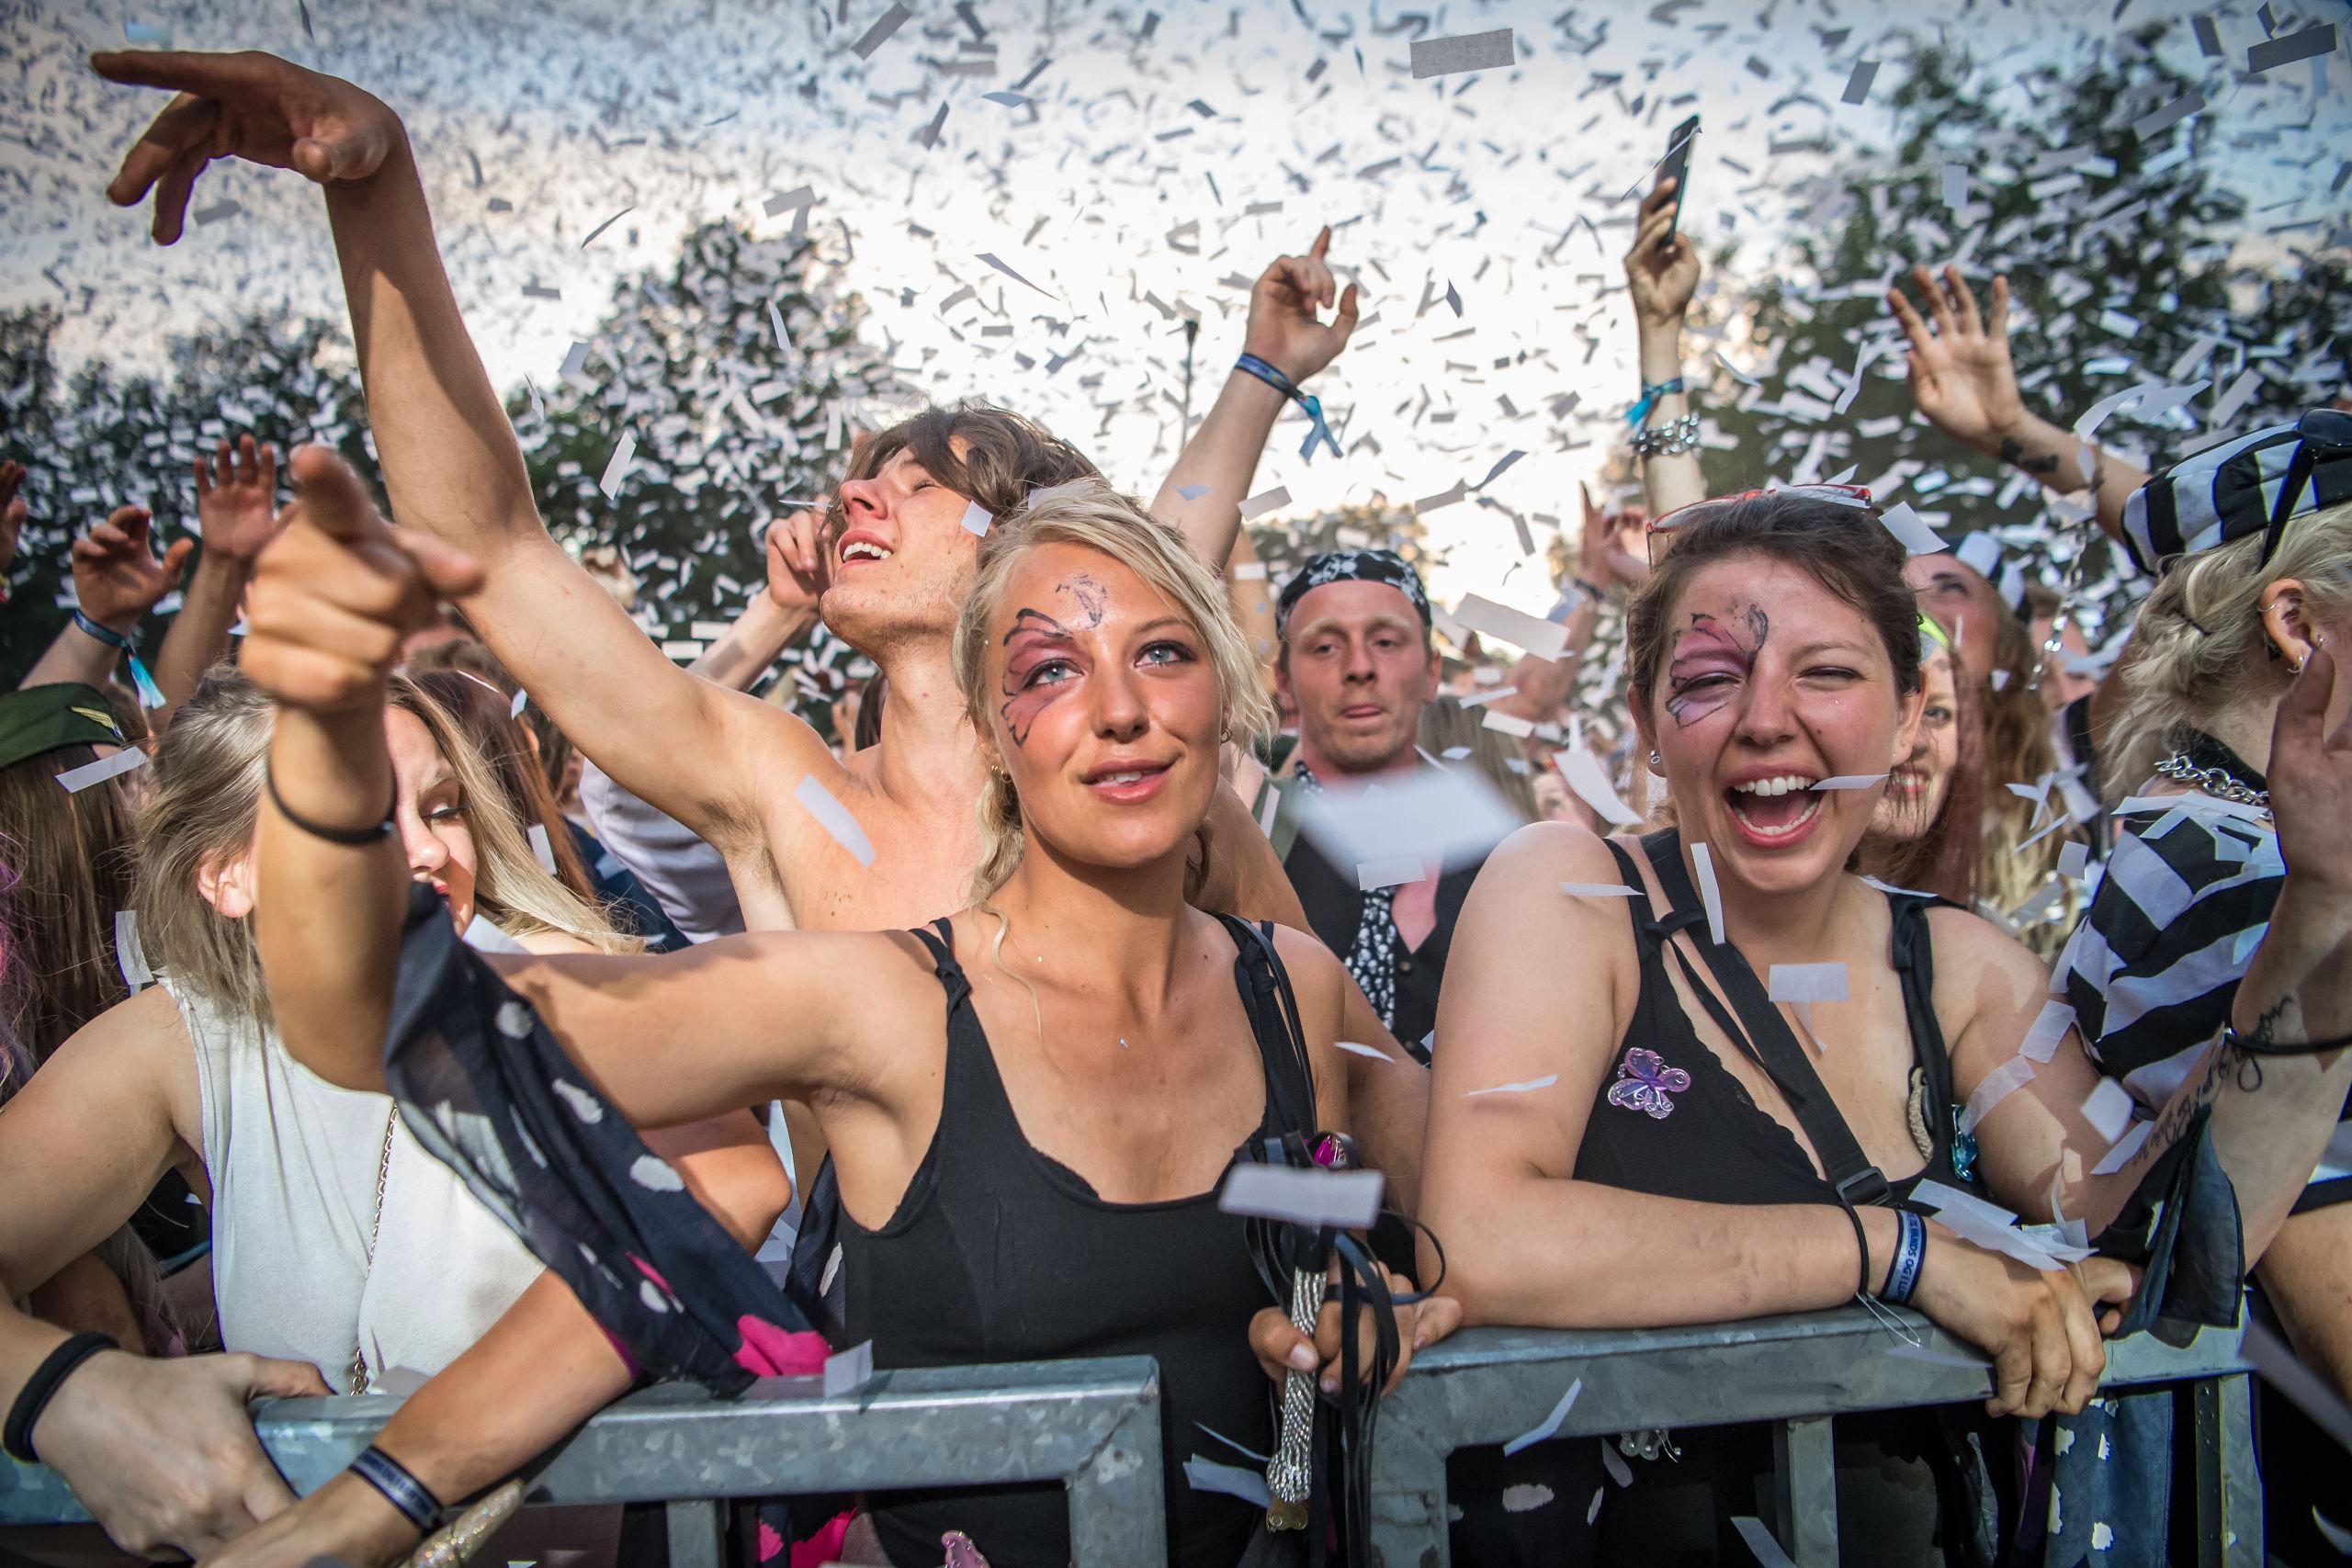 Festen i forbindelse med karnevalet i maj har udsigt til at overgå sig selv - i hvert fald er der linet et stærkt musikprogram op. Arkivfoto: Martin Damgård